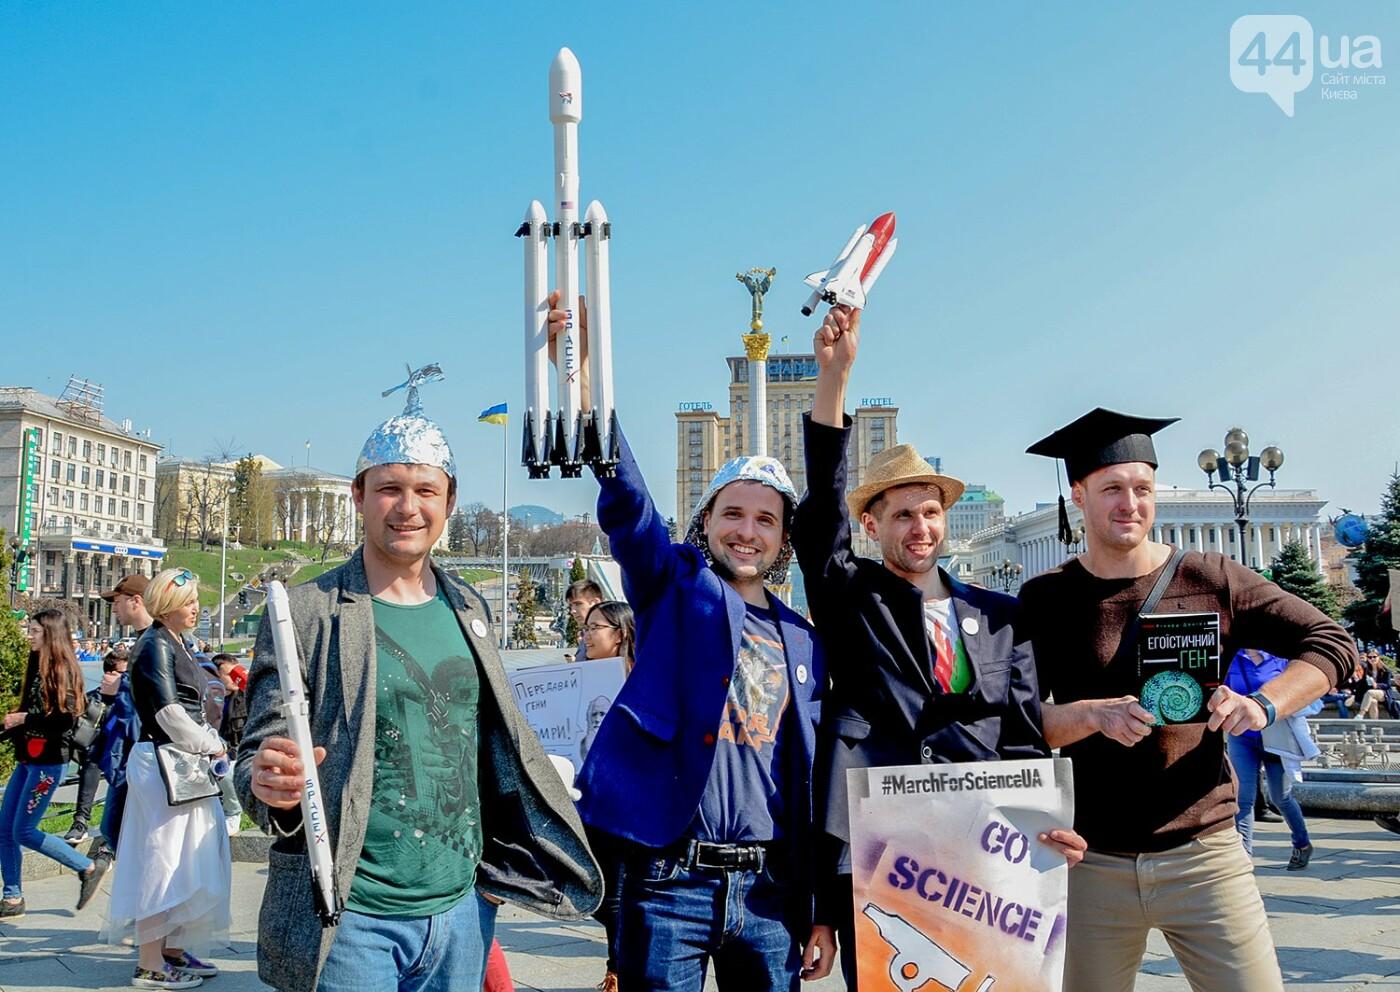 Ученые против мракобесия: в Киеве прошел марш за науку, фото-38